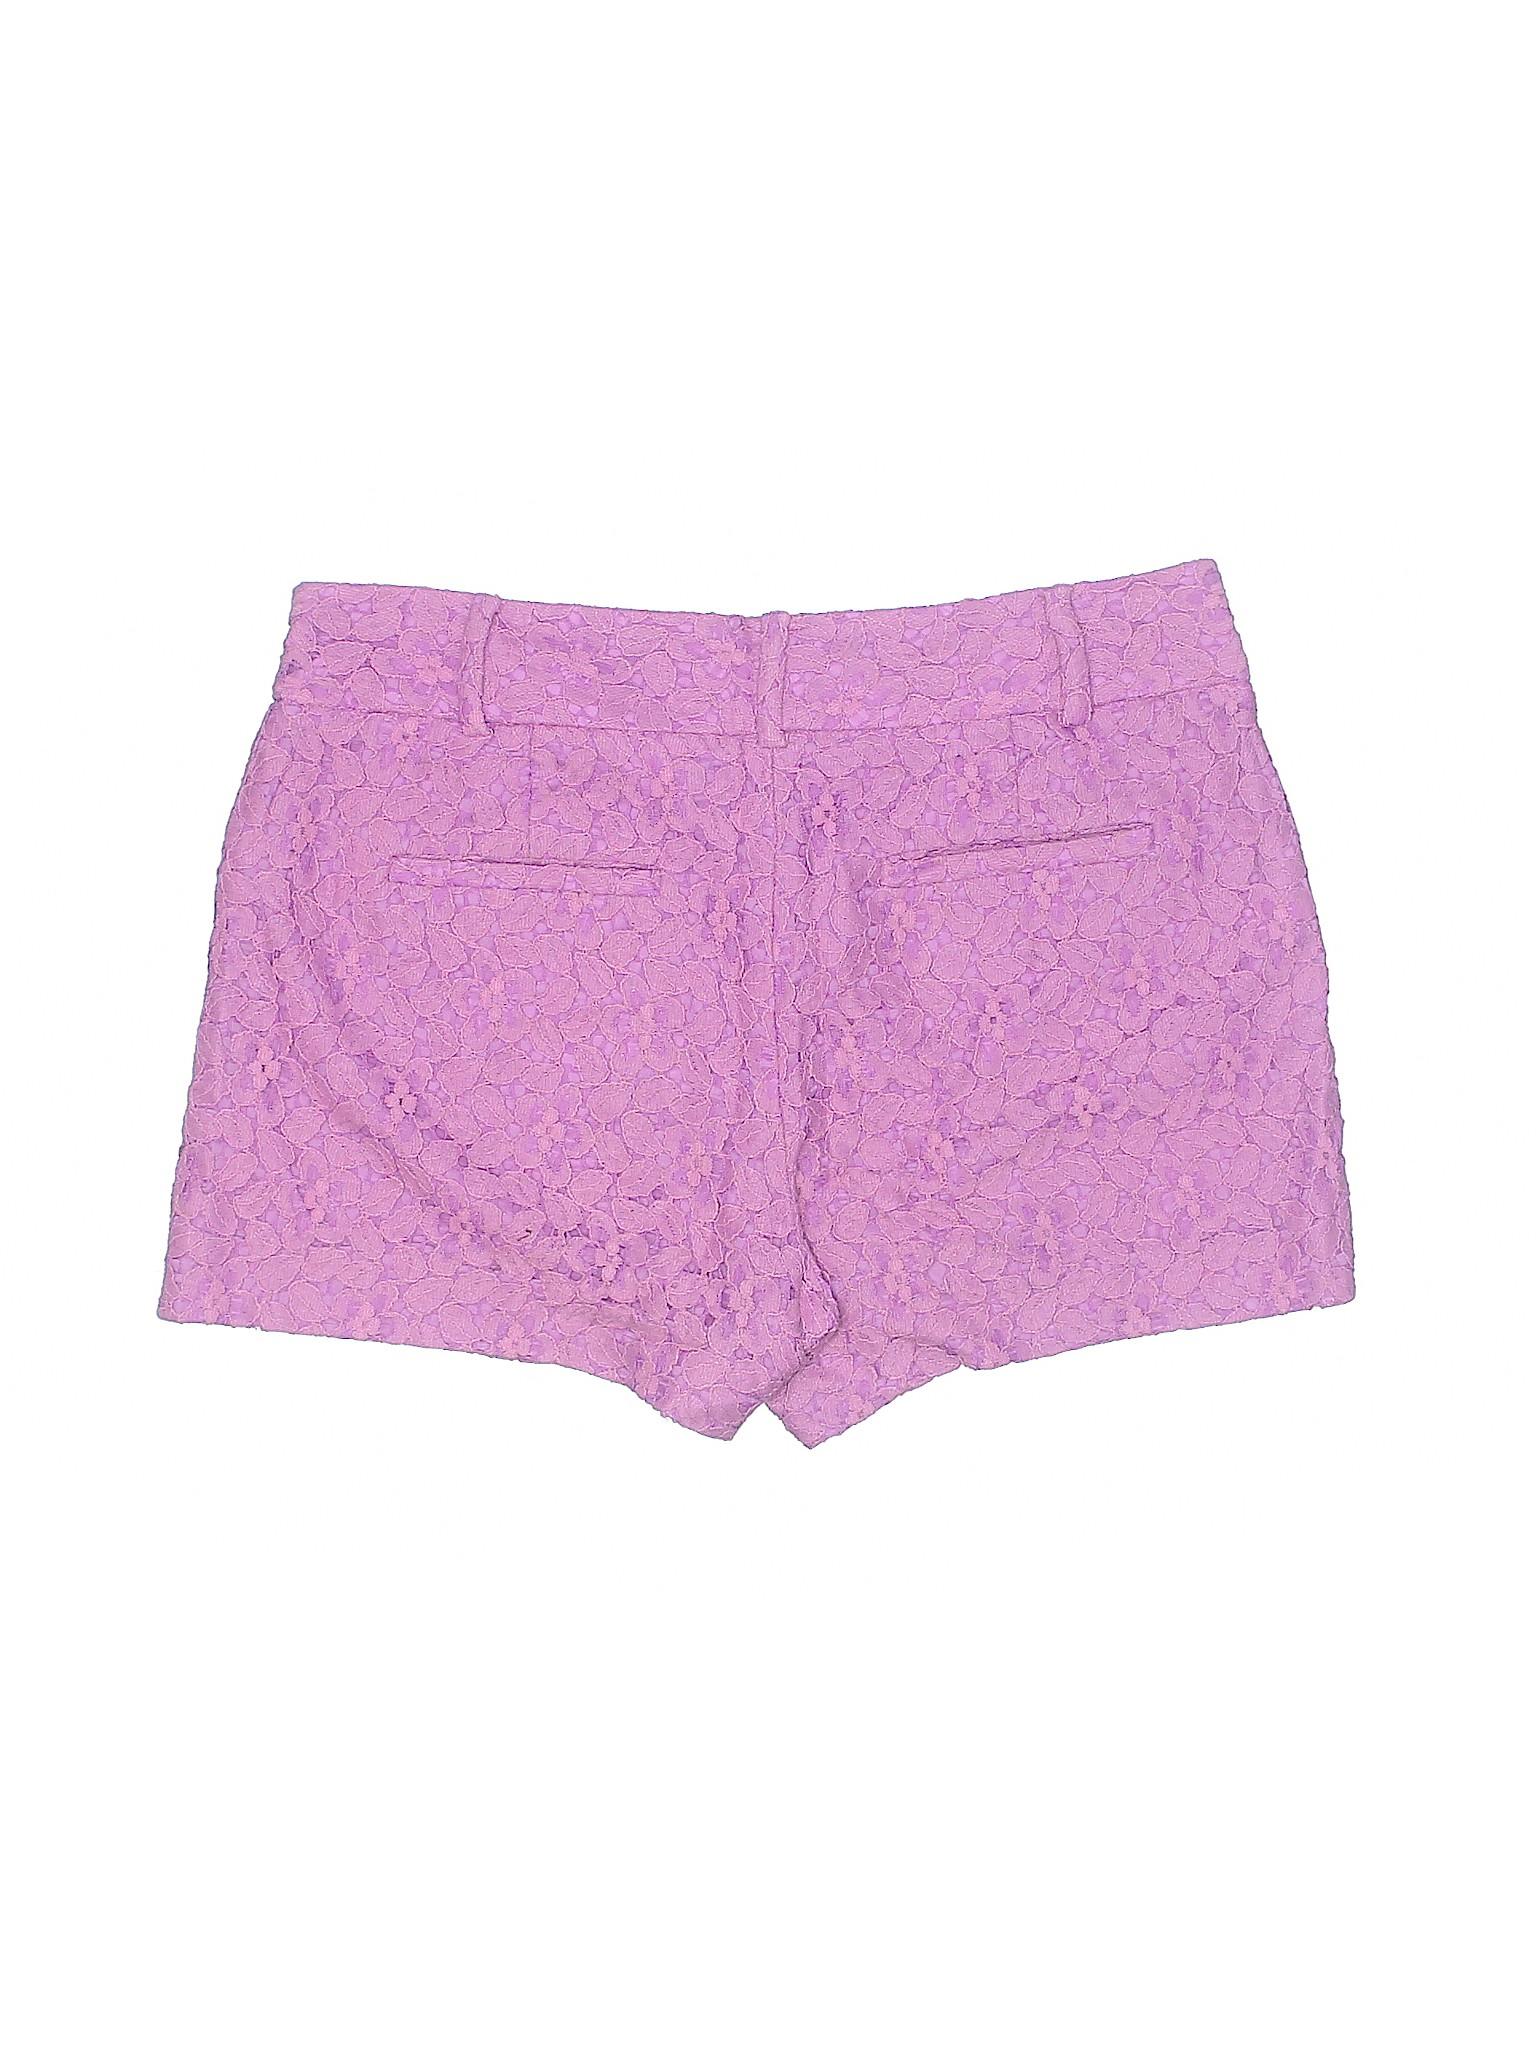 Boutique LOFT Shorts LOFT Boutique Ann Ann Shorts Boutique Shorts Boutique LOFT Taylor Ann Ann Taylor Taylor YAHwgq